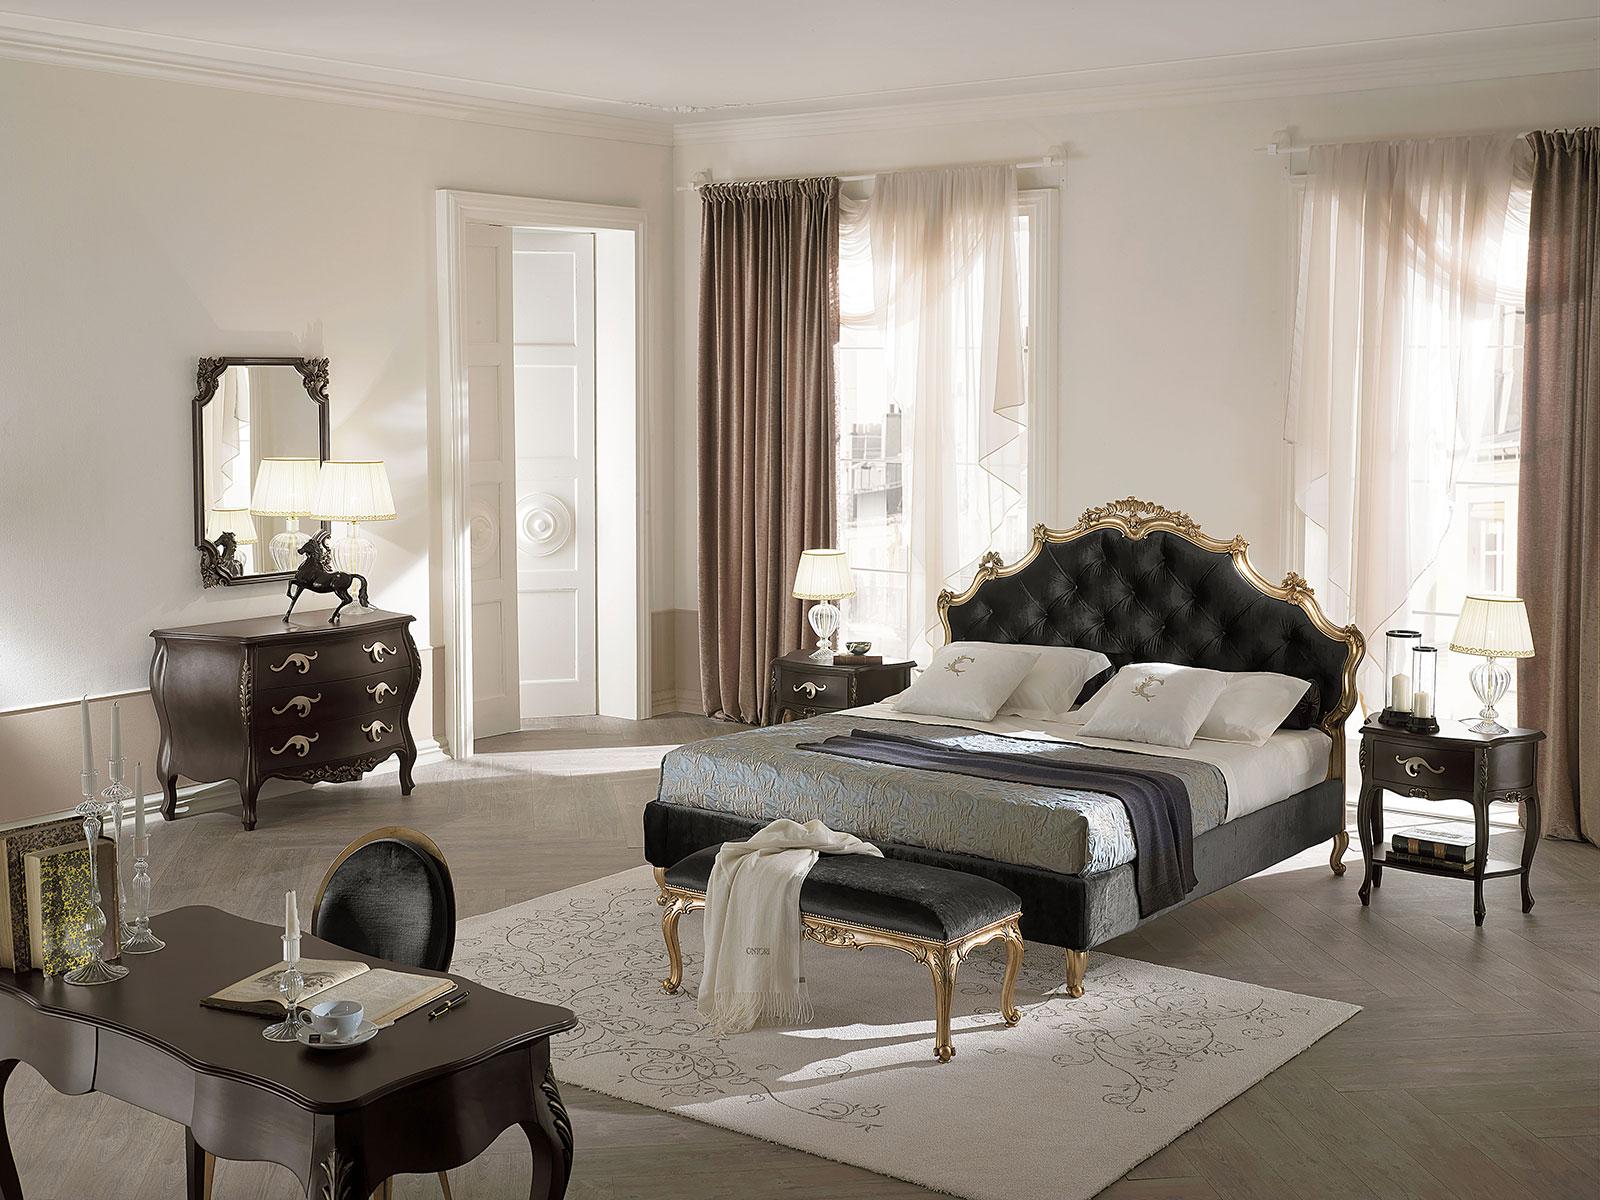 Camere Da Letto Matrimoniali Classiche : Camere classiche della ...